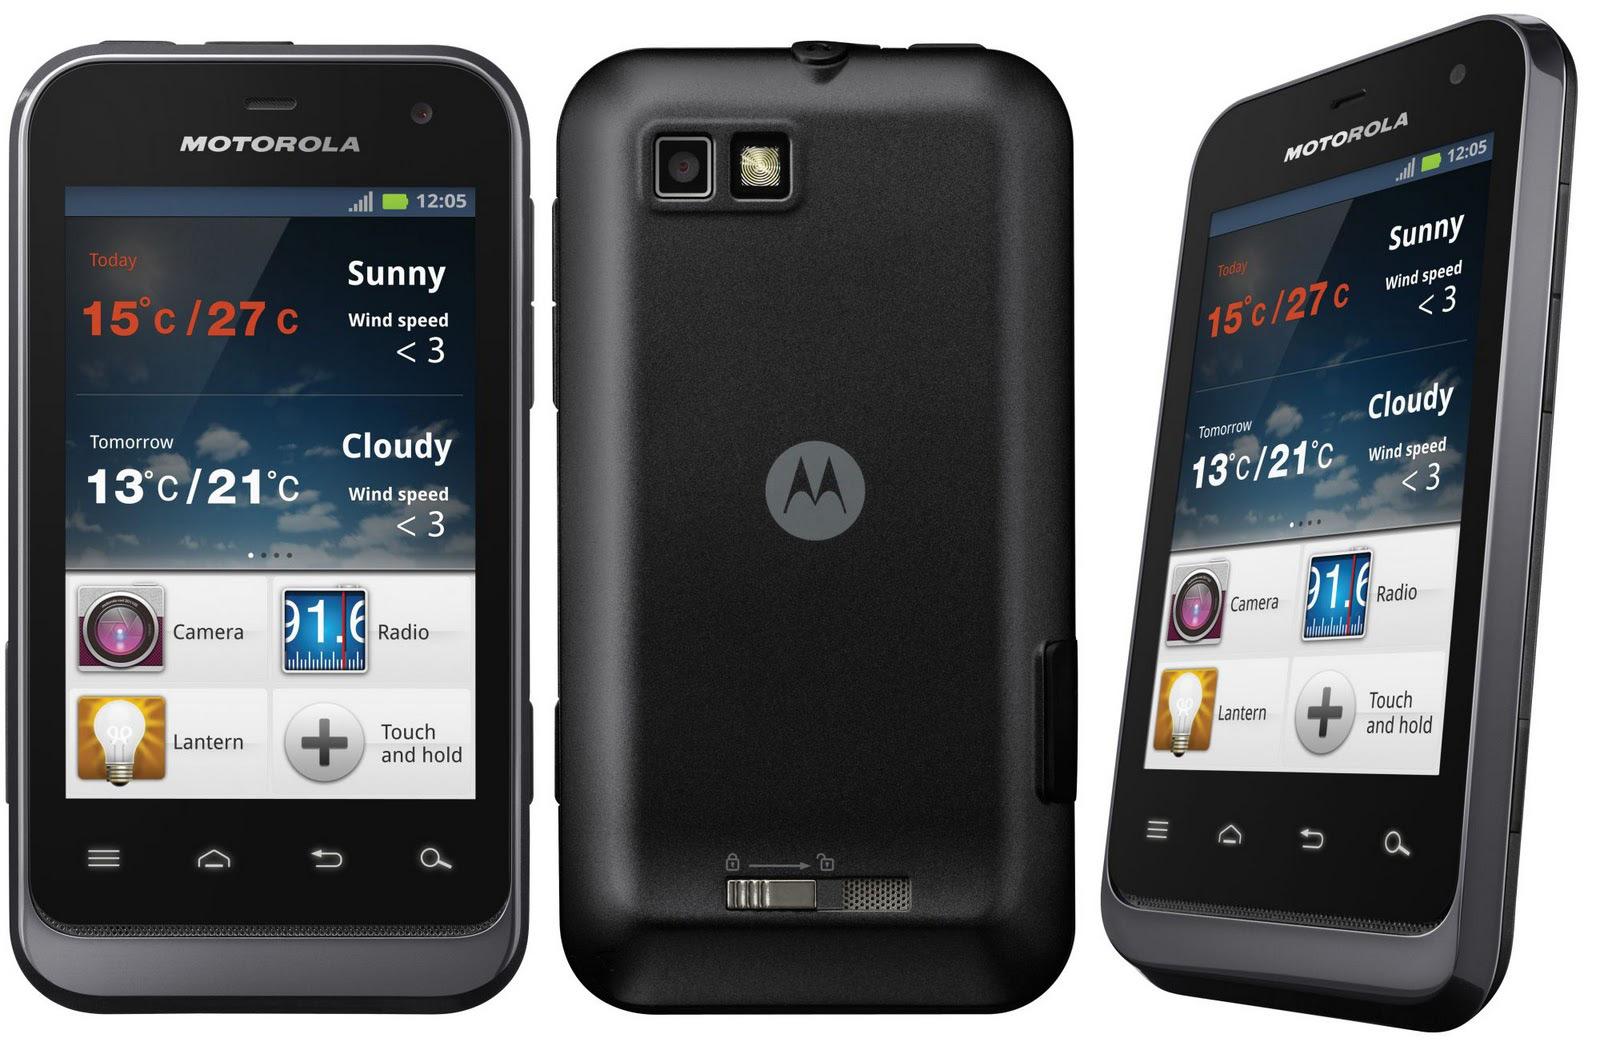 Motorola Defy Mini XT320 - Specs and Price